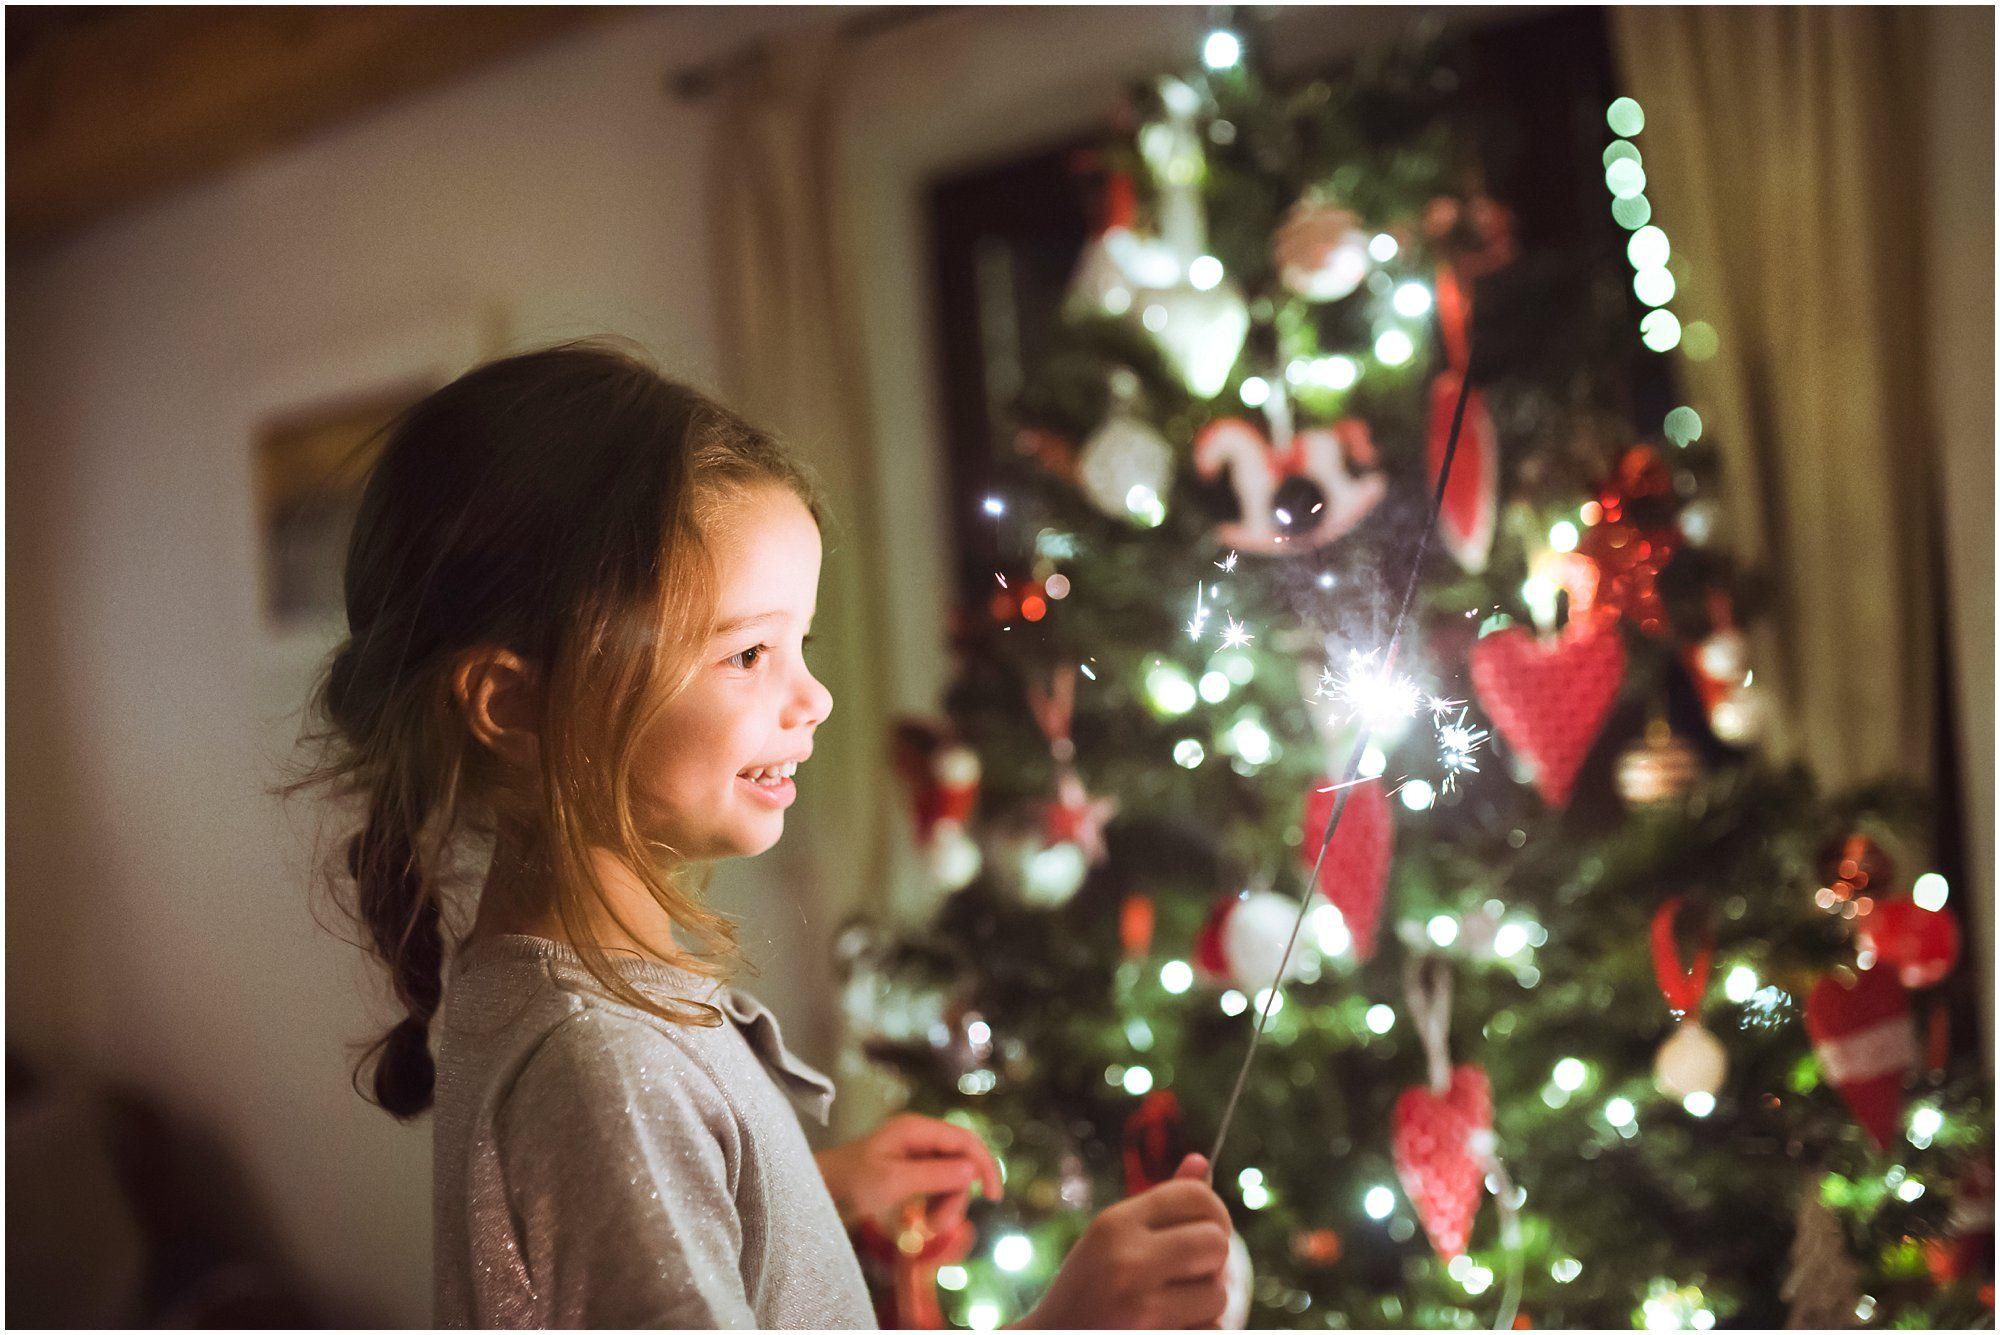 Weihnachtsbilder Für Frauen.Emotionale Weihnachtsbilder Selber Machen Markus Brügge